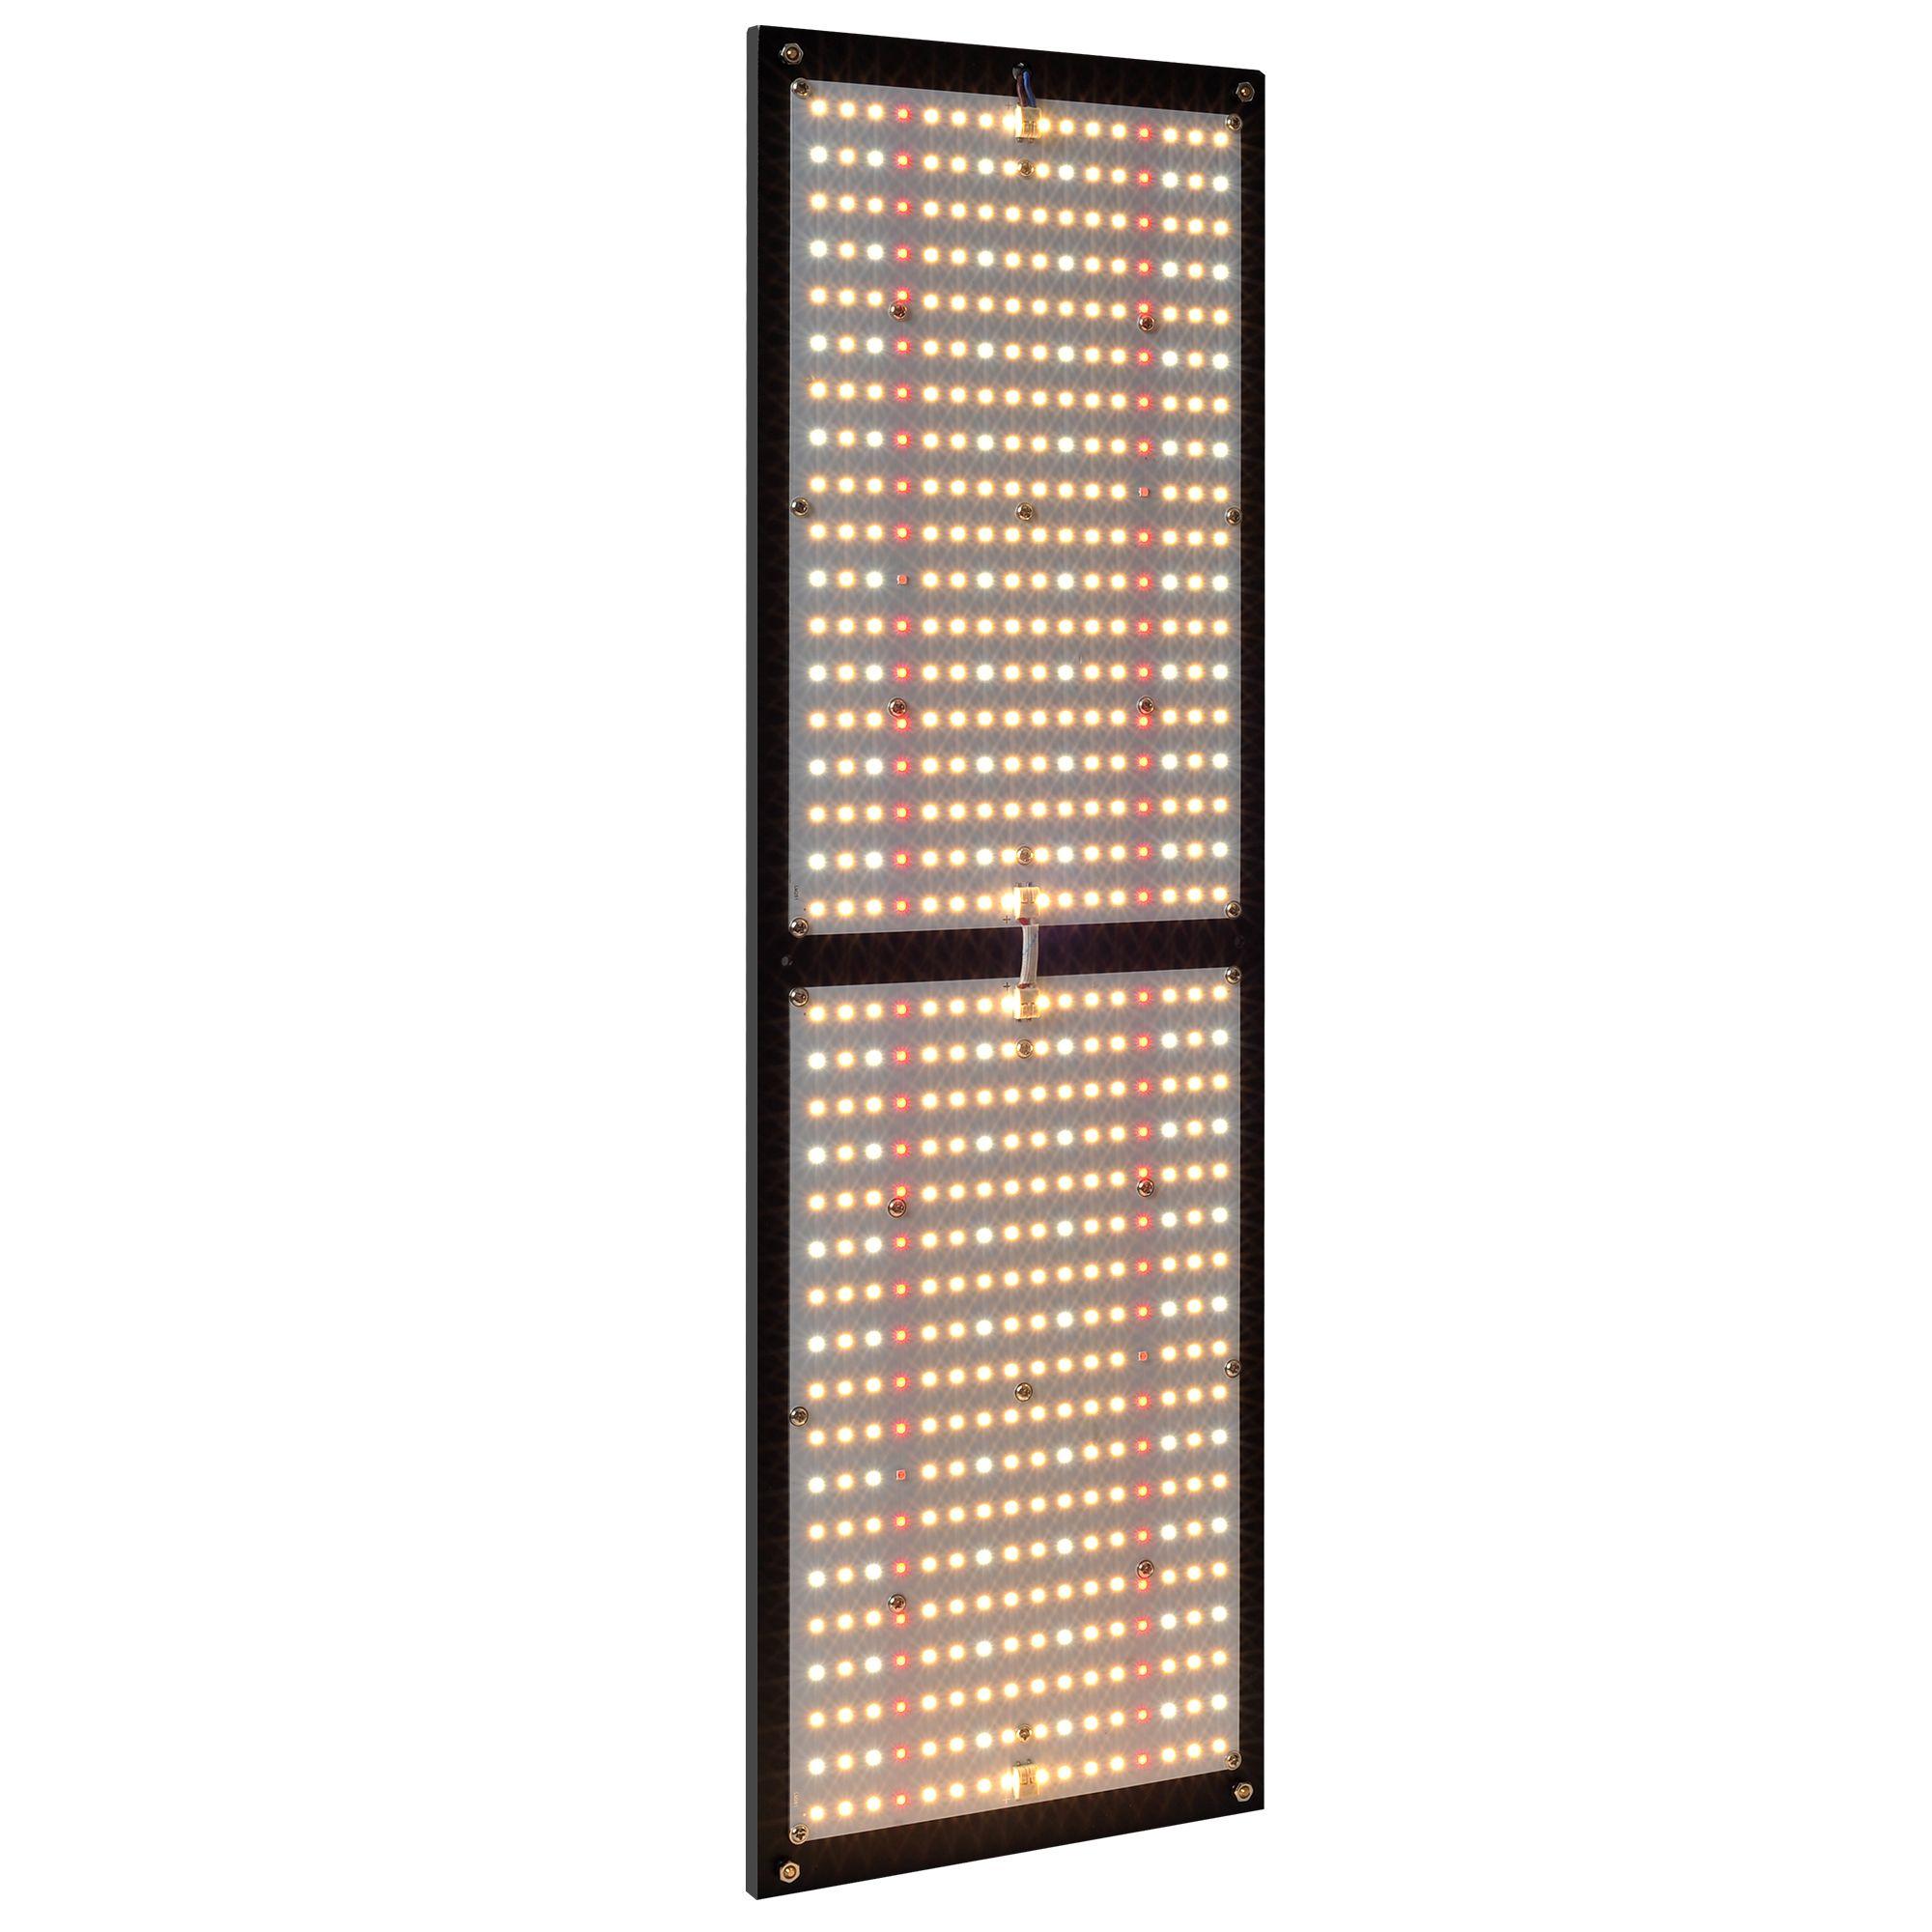 Samsung LED Board 240W سامسونج LED تنمو الضوء مع دايمر سائق تجاري أبيض كامل الطيف النمو أضواء 576pcs المصابيح